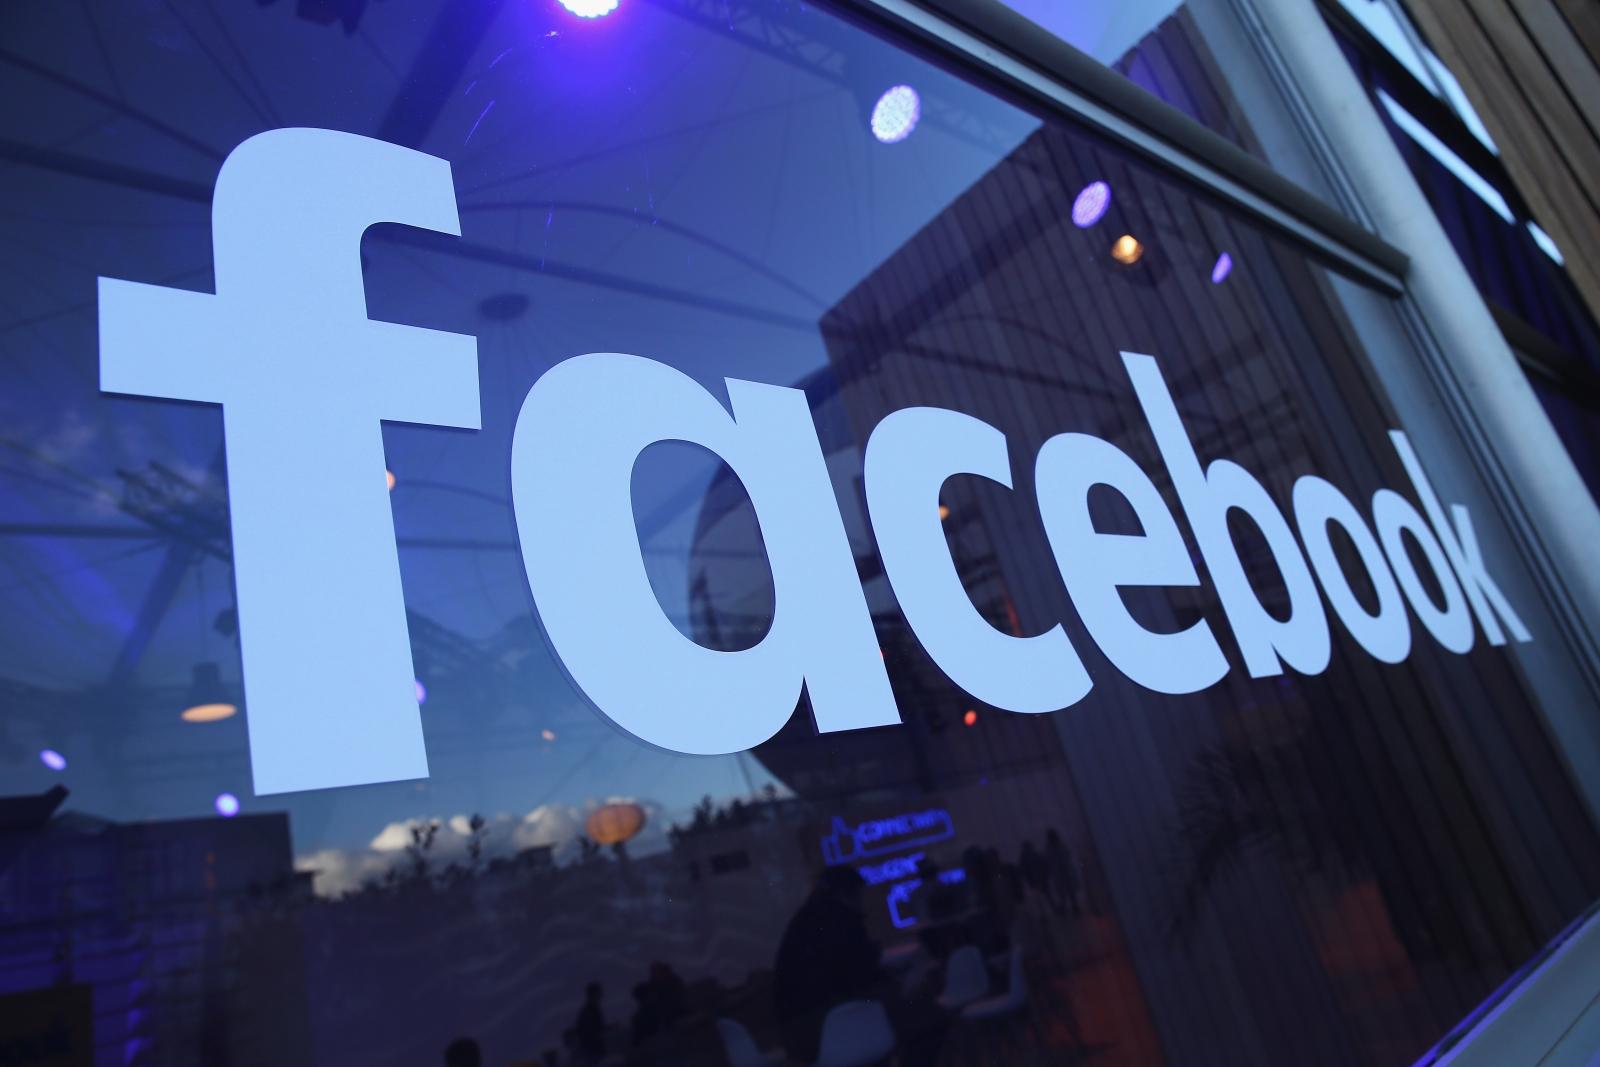 Facebook at SXSW 2017